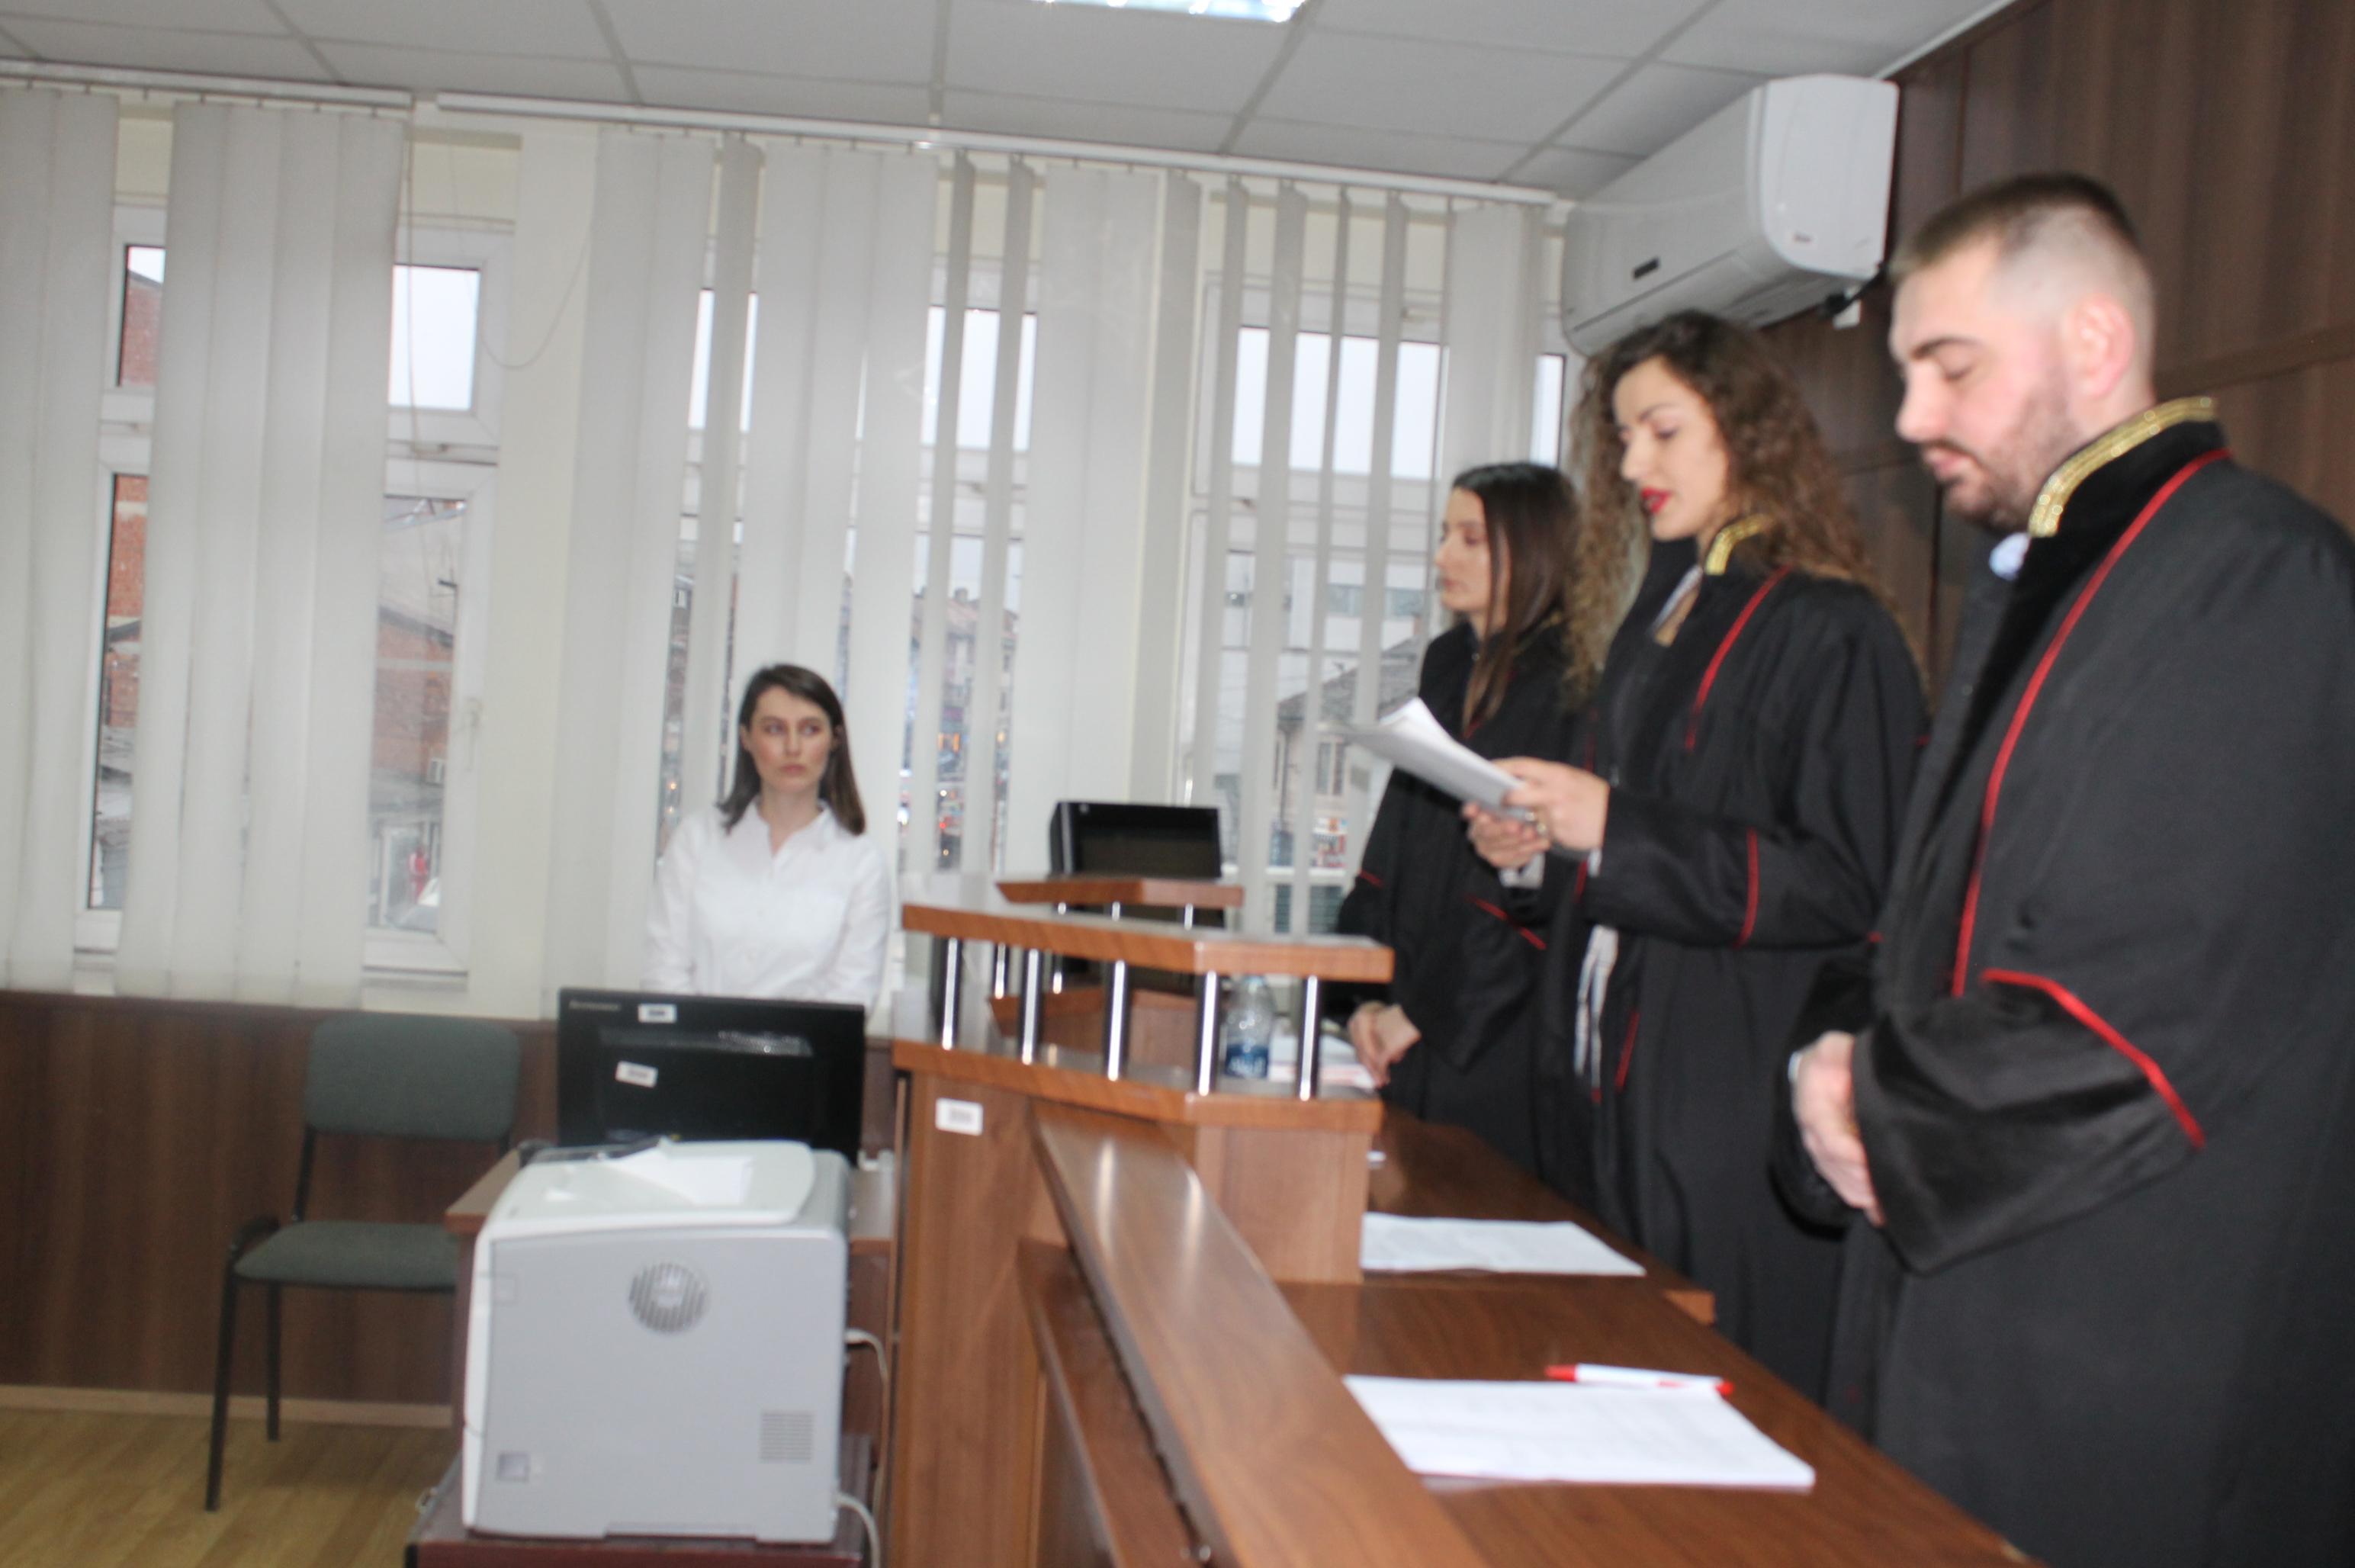 Praktikantët e Gjykatës Themelore të Prizrenit mbajtën një seancë të improvizuar